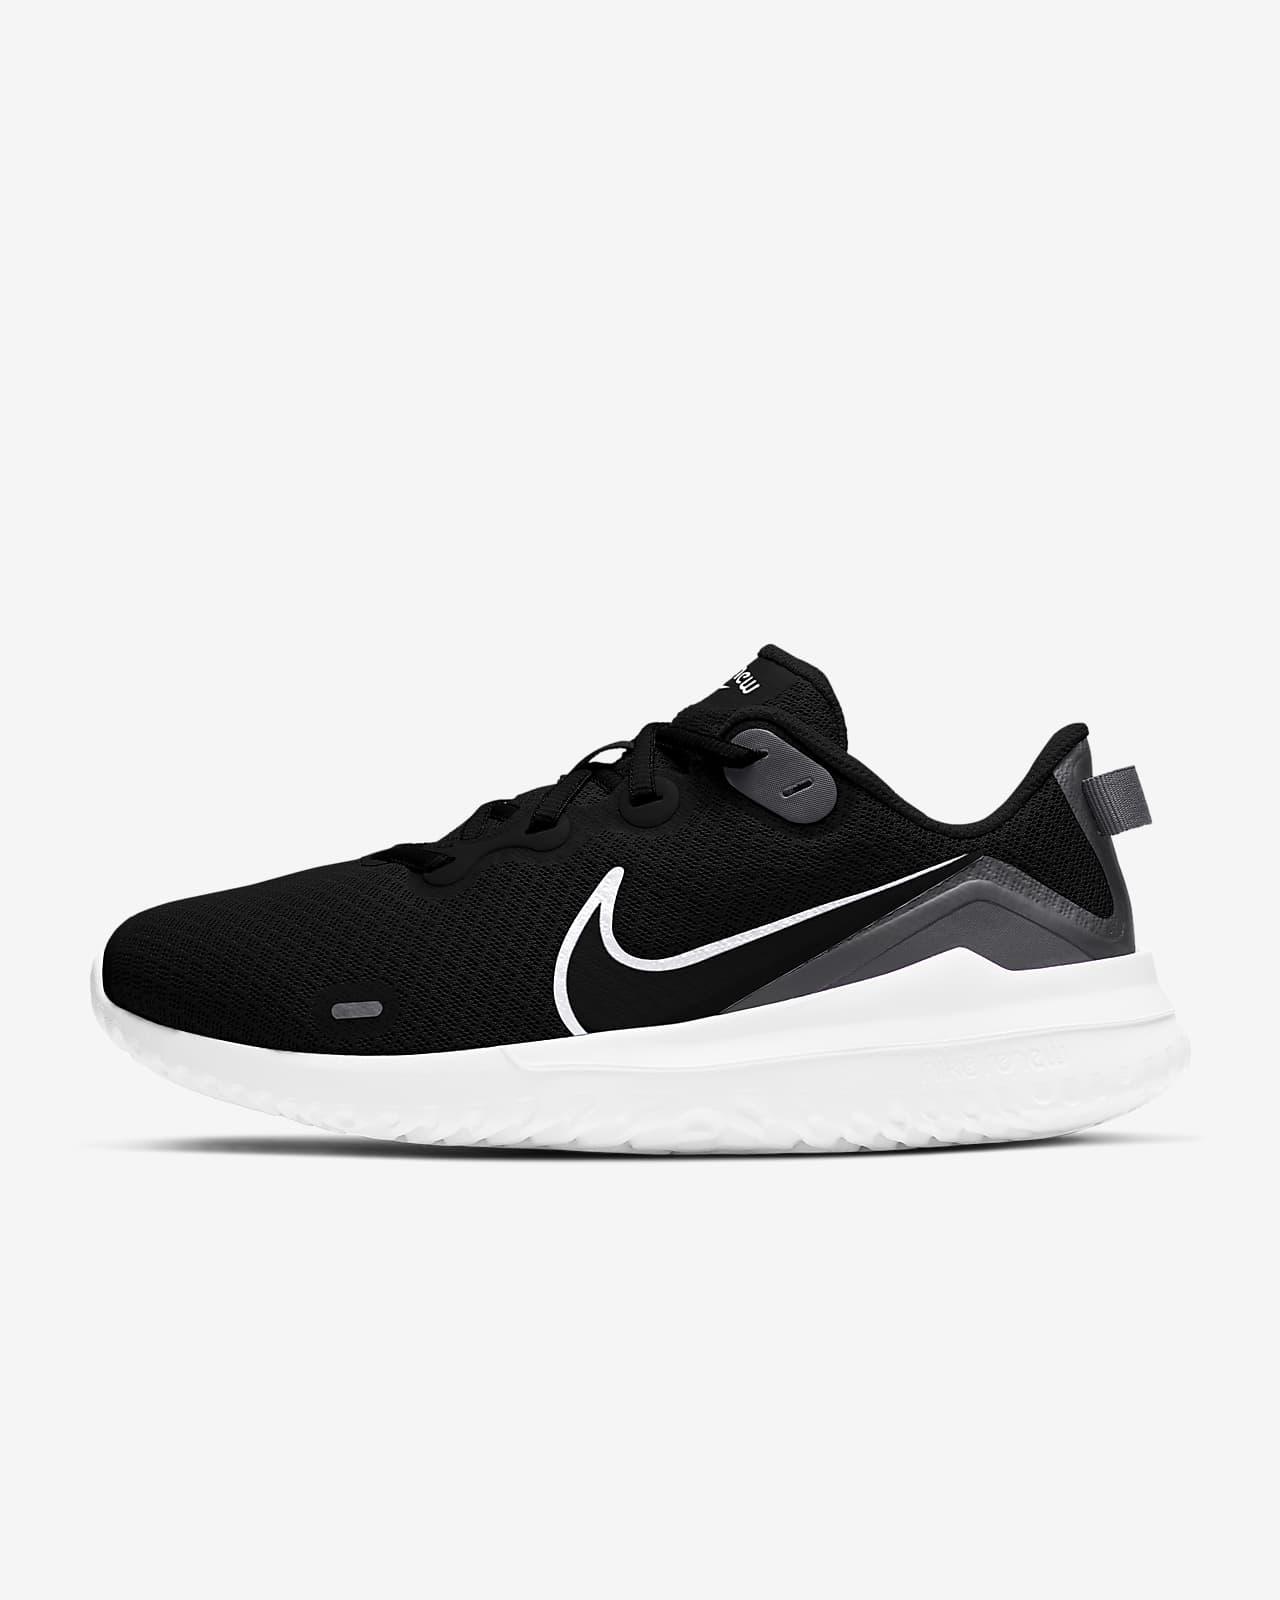 รองเท้าวิ่งผู้หญิง Nike Renew Ride